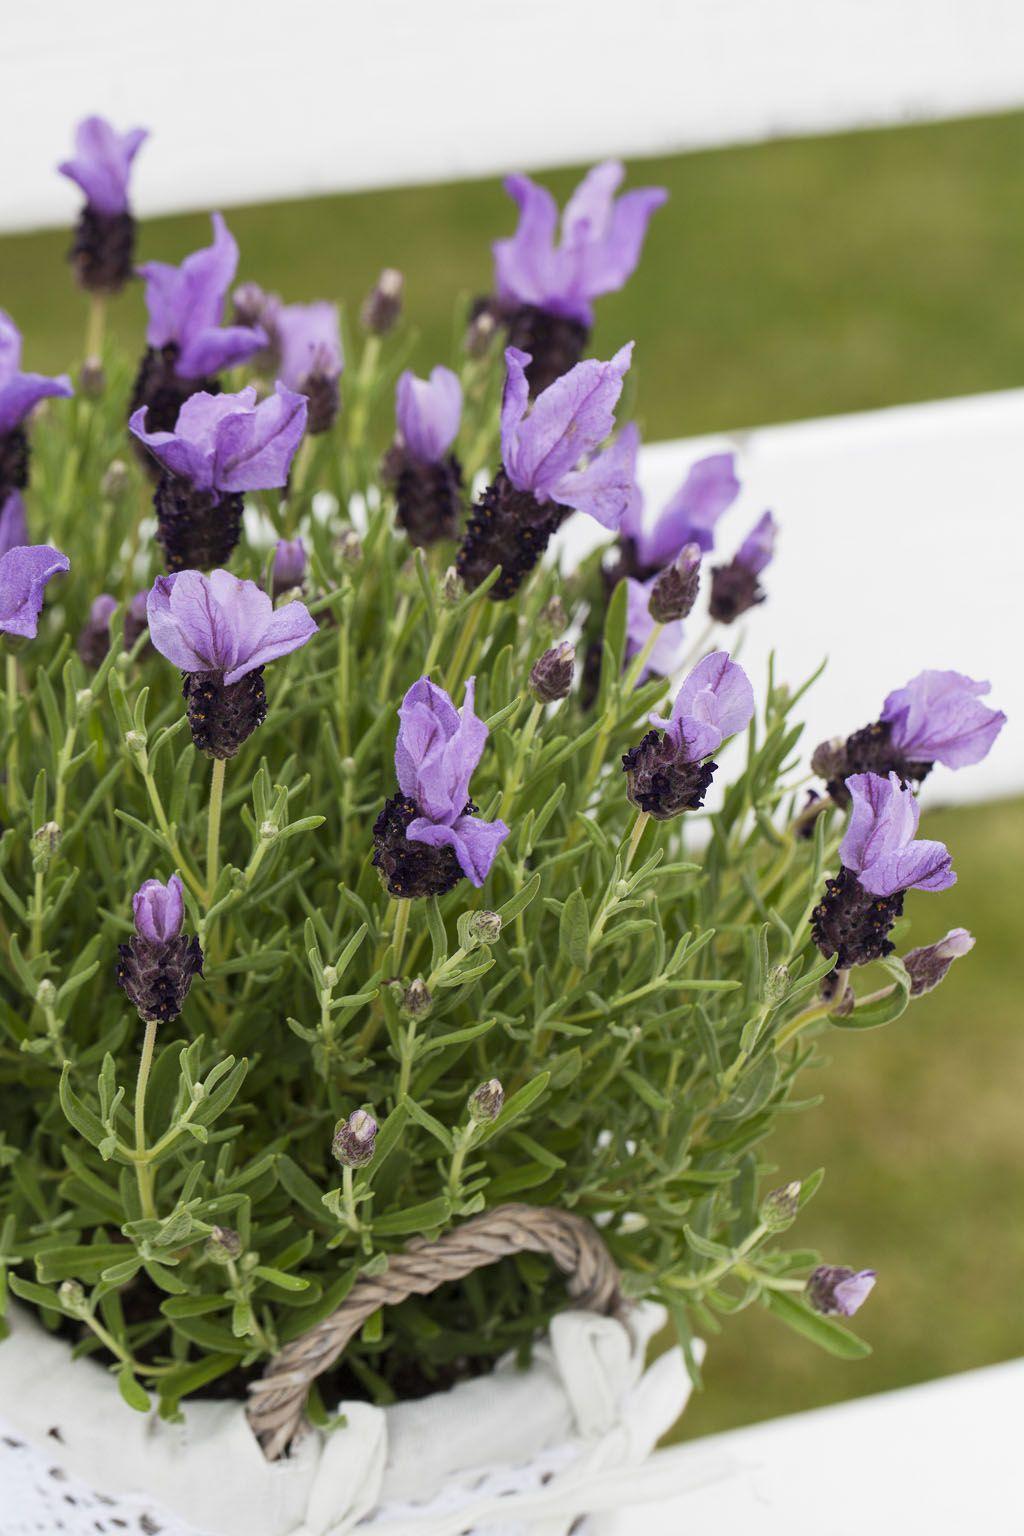 Lavendel butterfly eller sommerfugl lavendel: http://www.mestergronn.no/blogg/tid-lavendel/